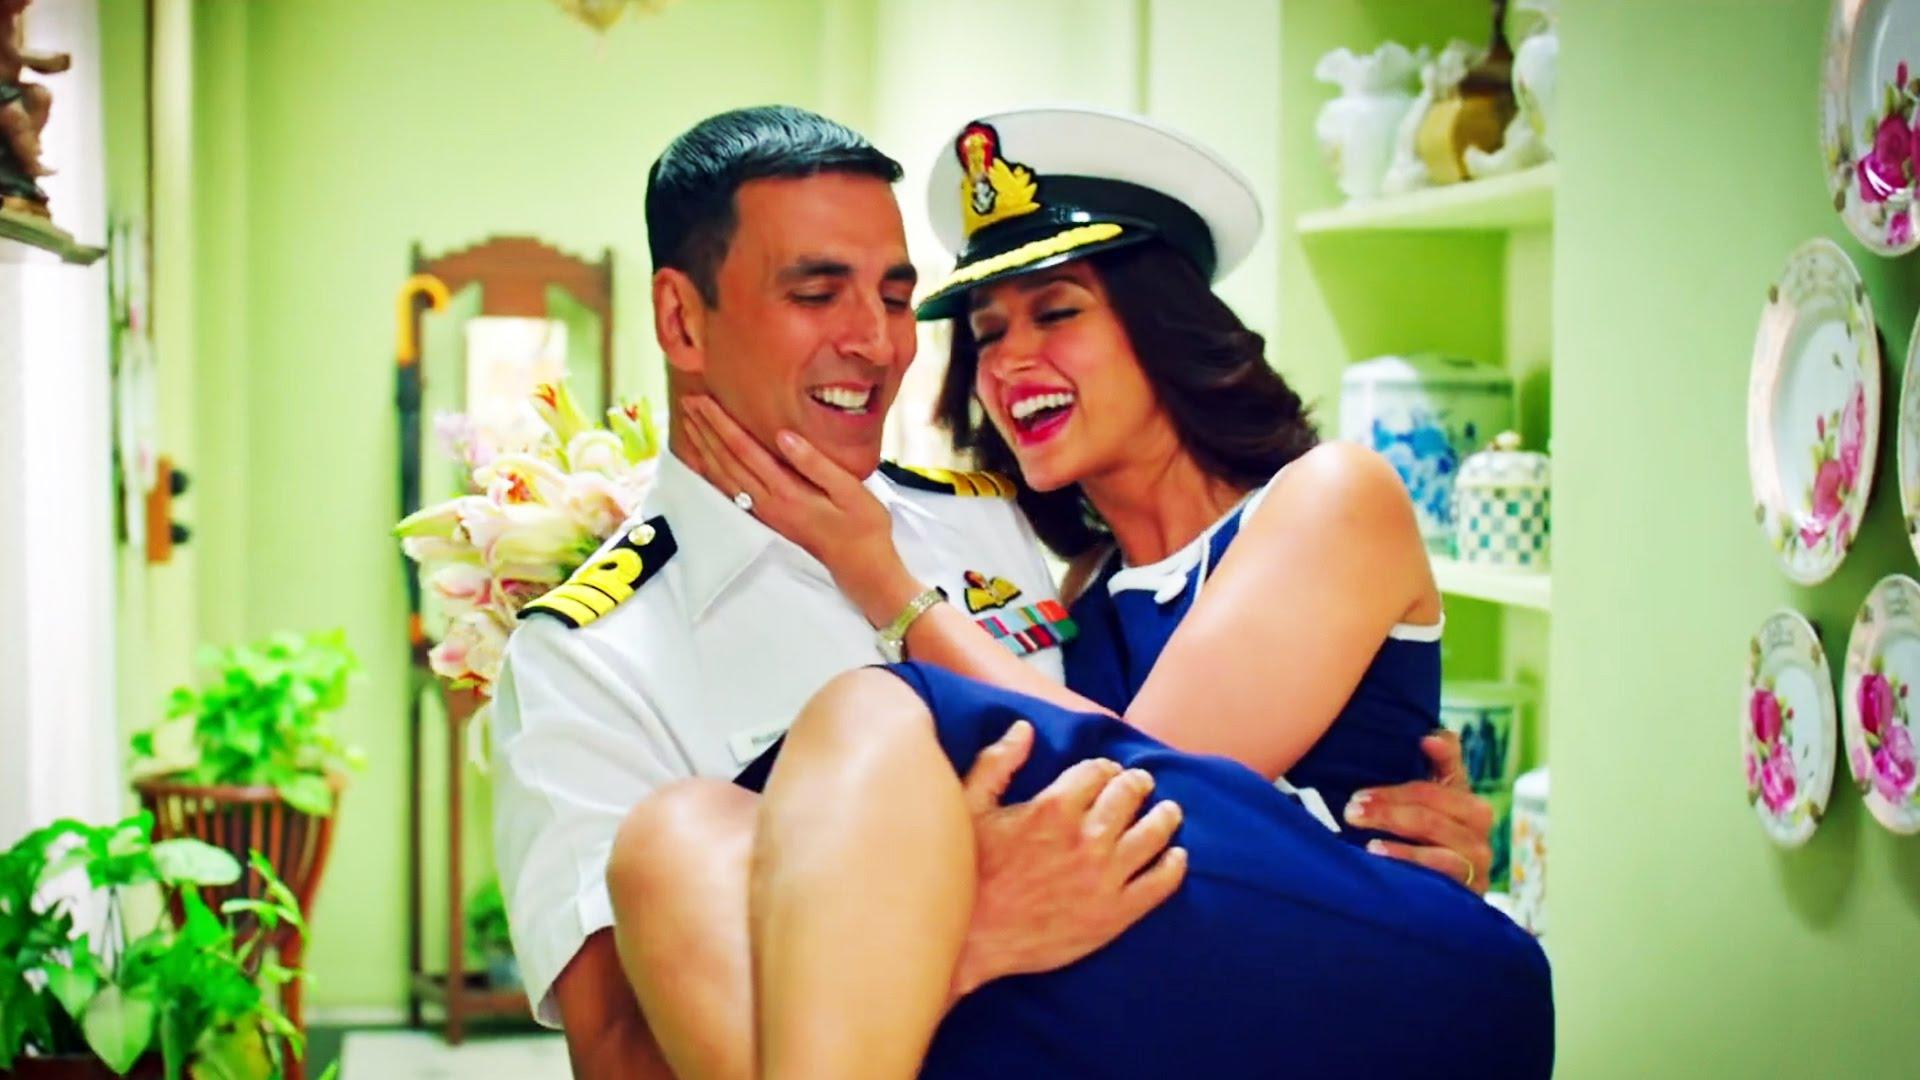 sailor, indian sailors